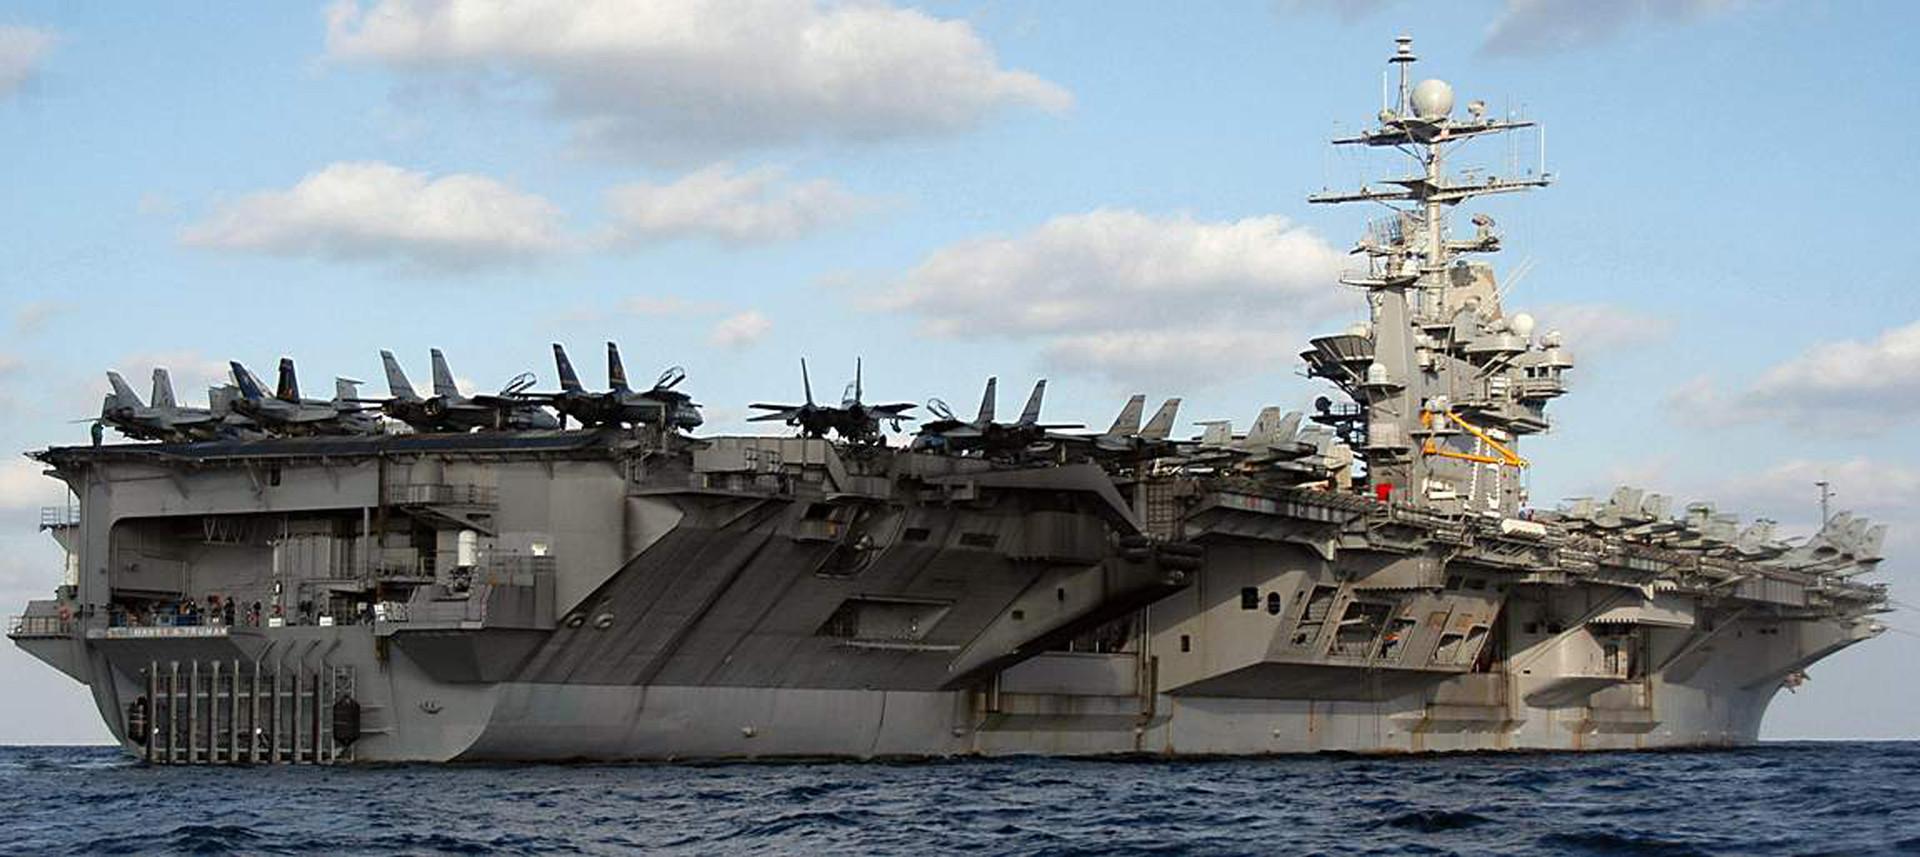 Syrien-Krise: Wieso begleitet eine deutsche Fregatte das US-Kampfgeschwader nach Nahost?